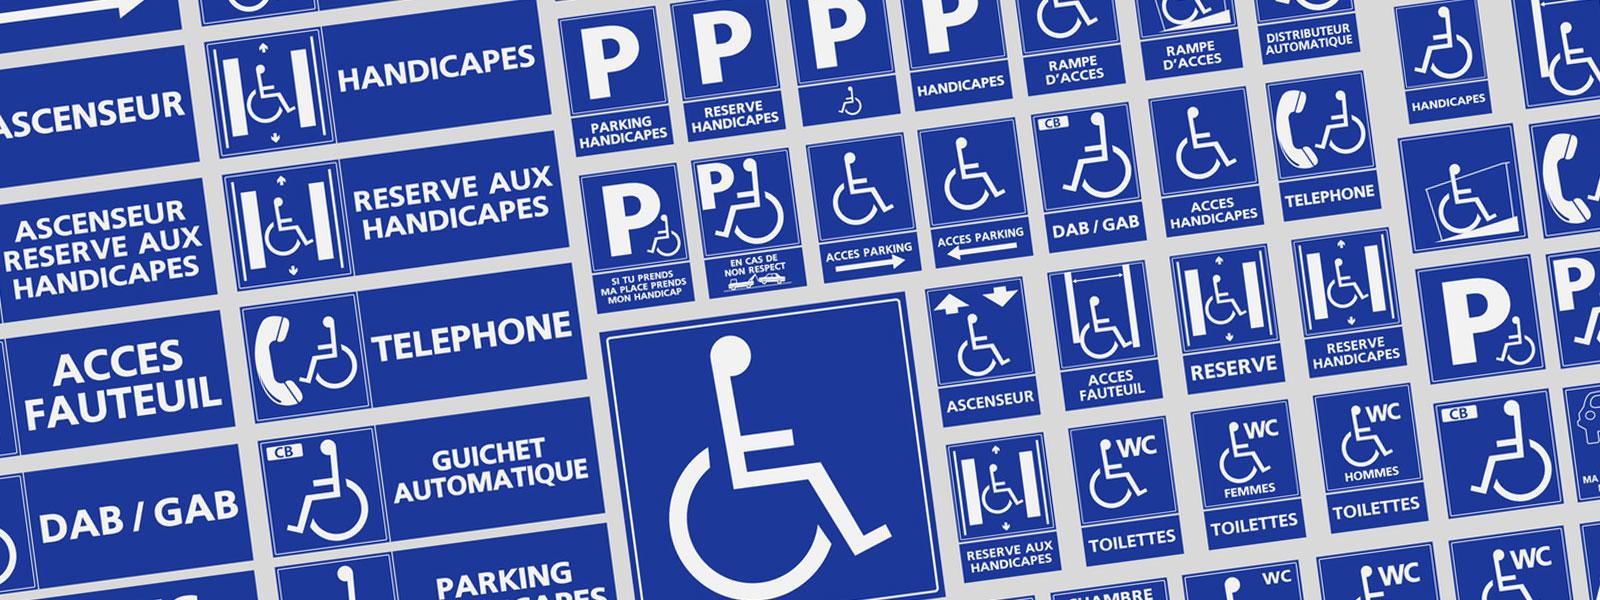 panneau signalétique handicape